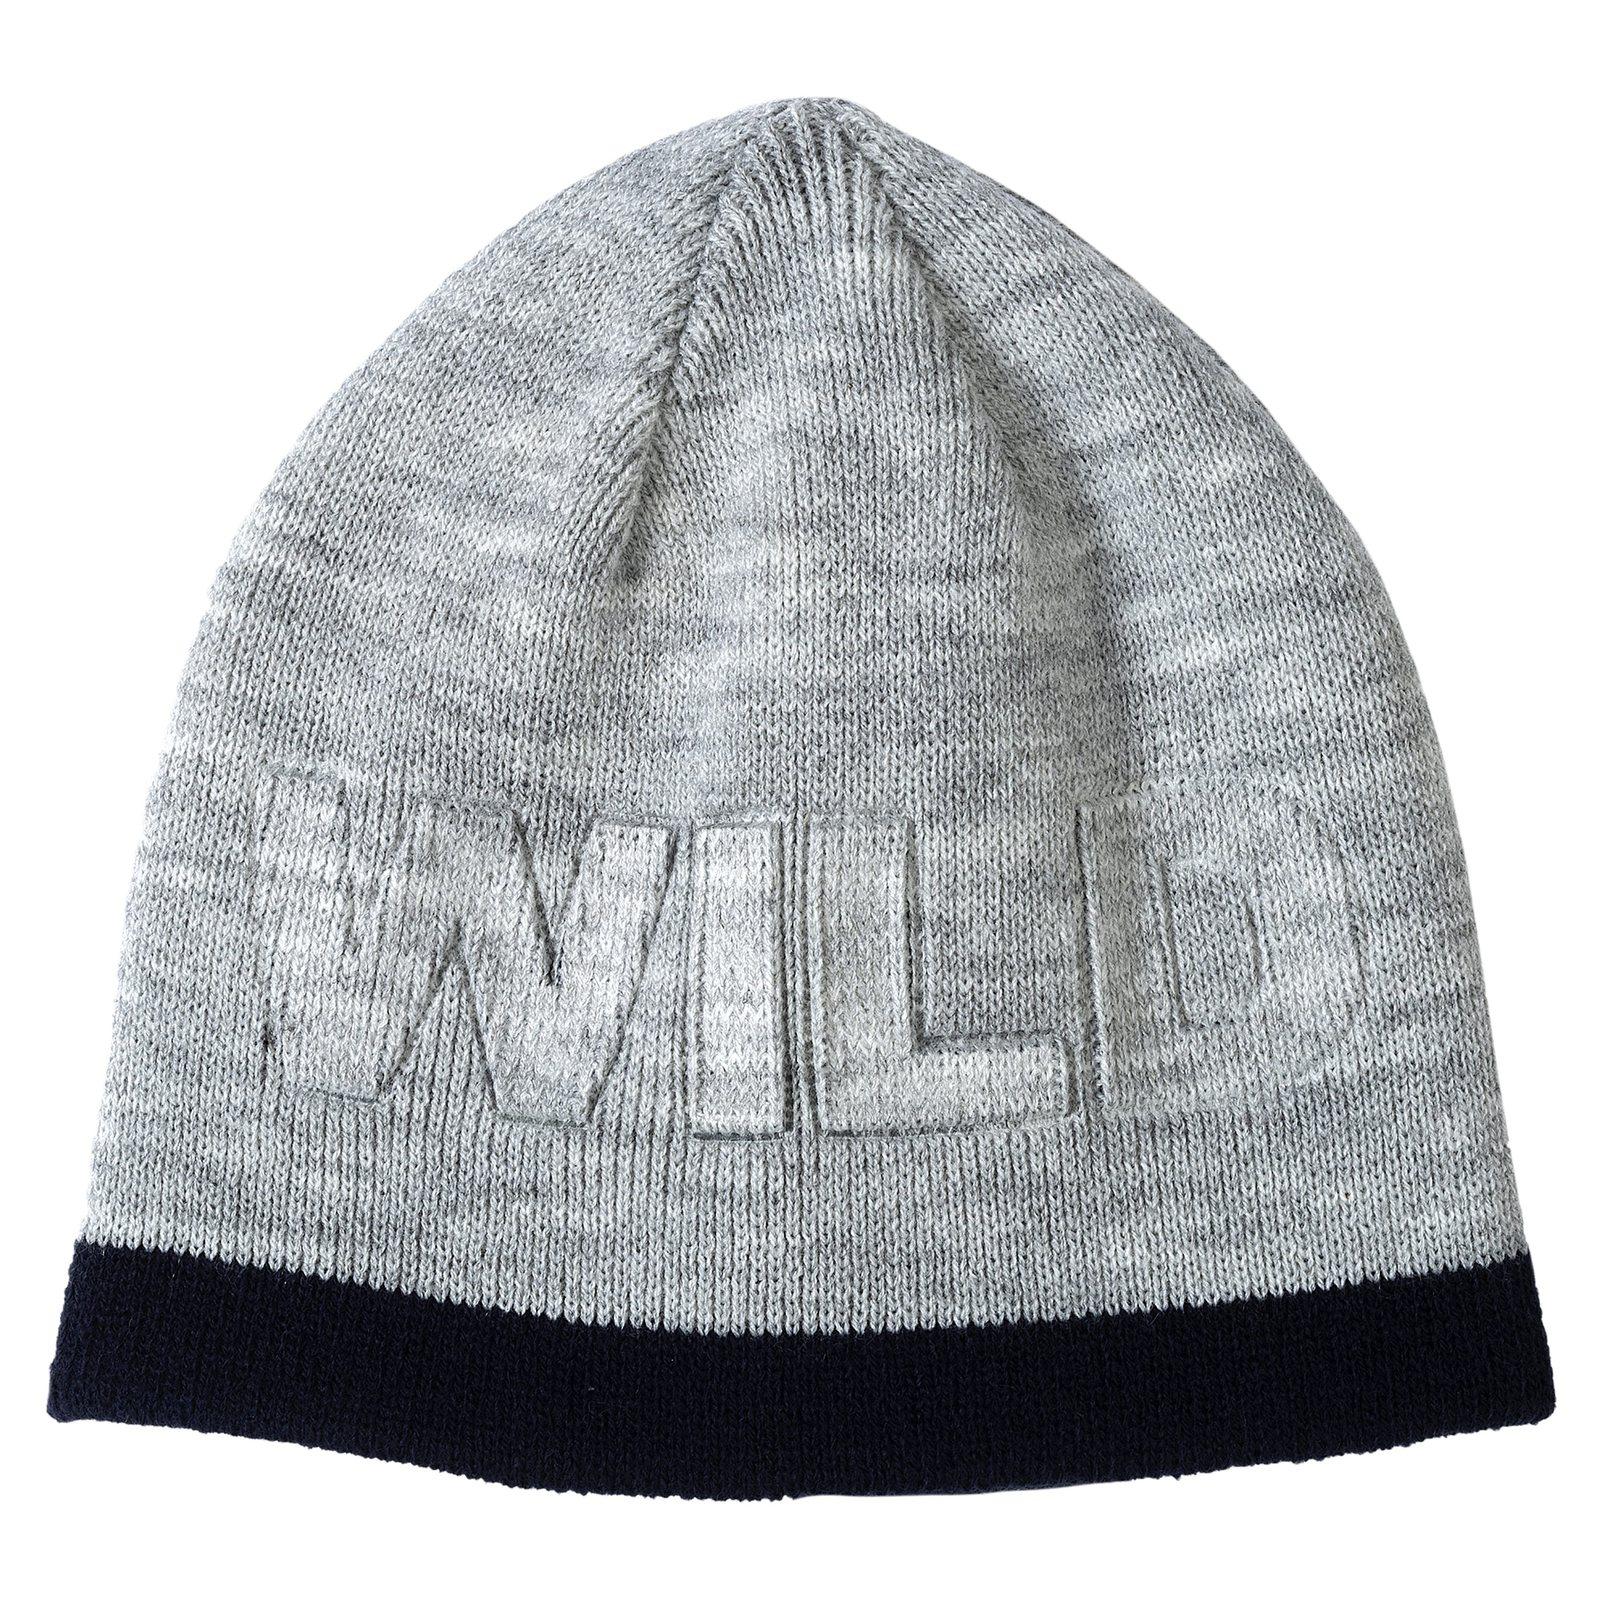 premium selection 0137e a3801 Cappello reversibile Wild